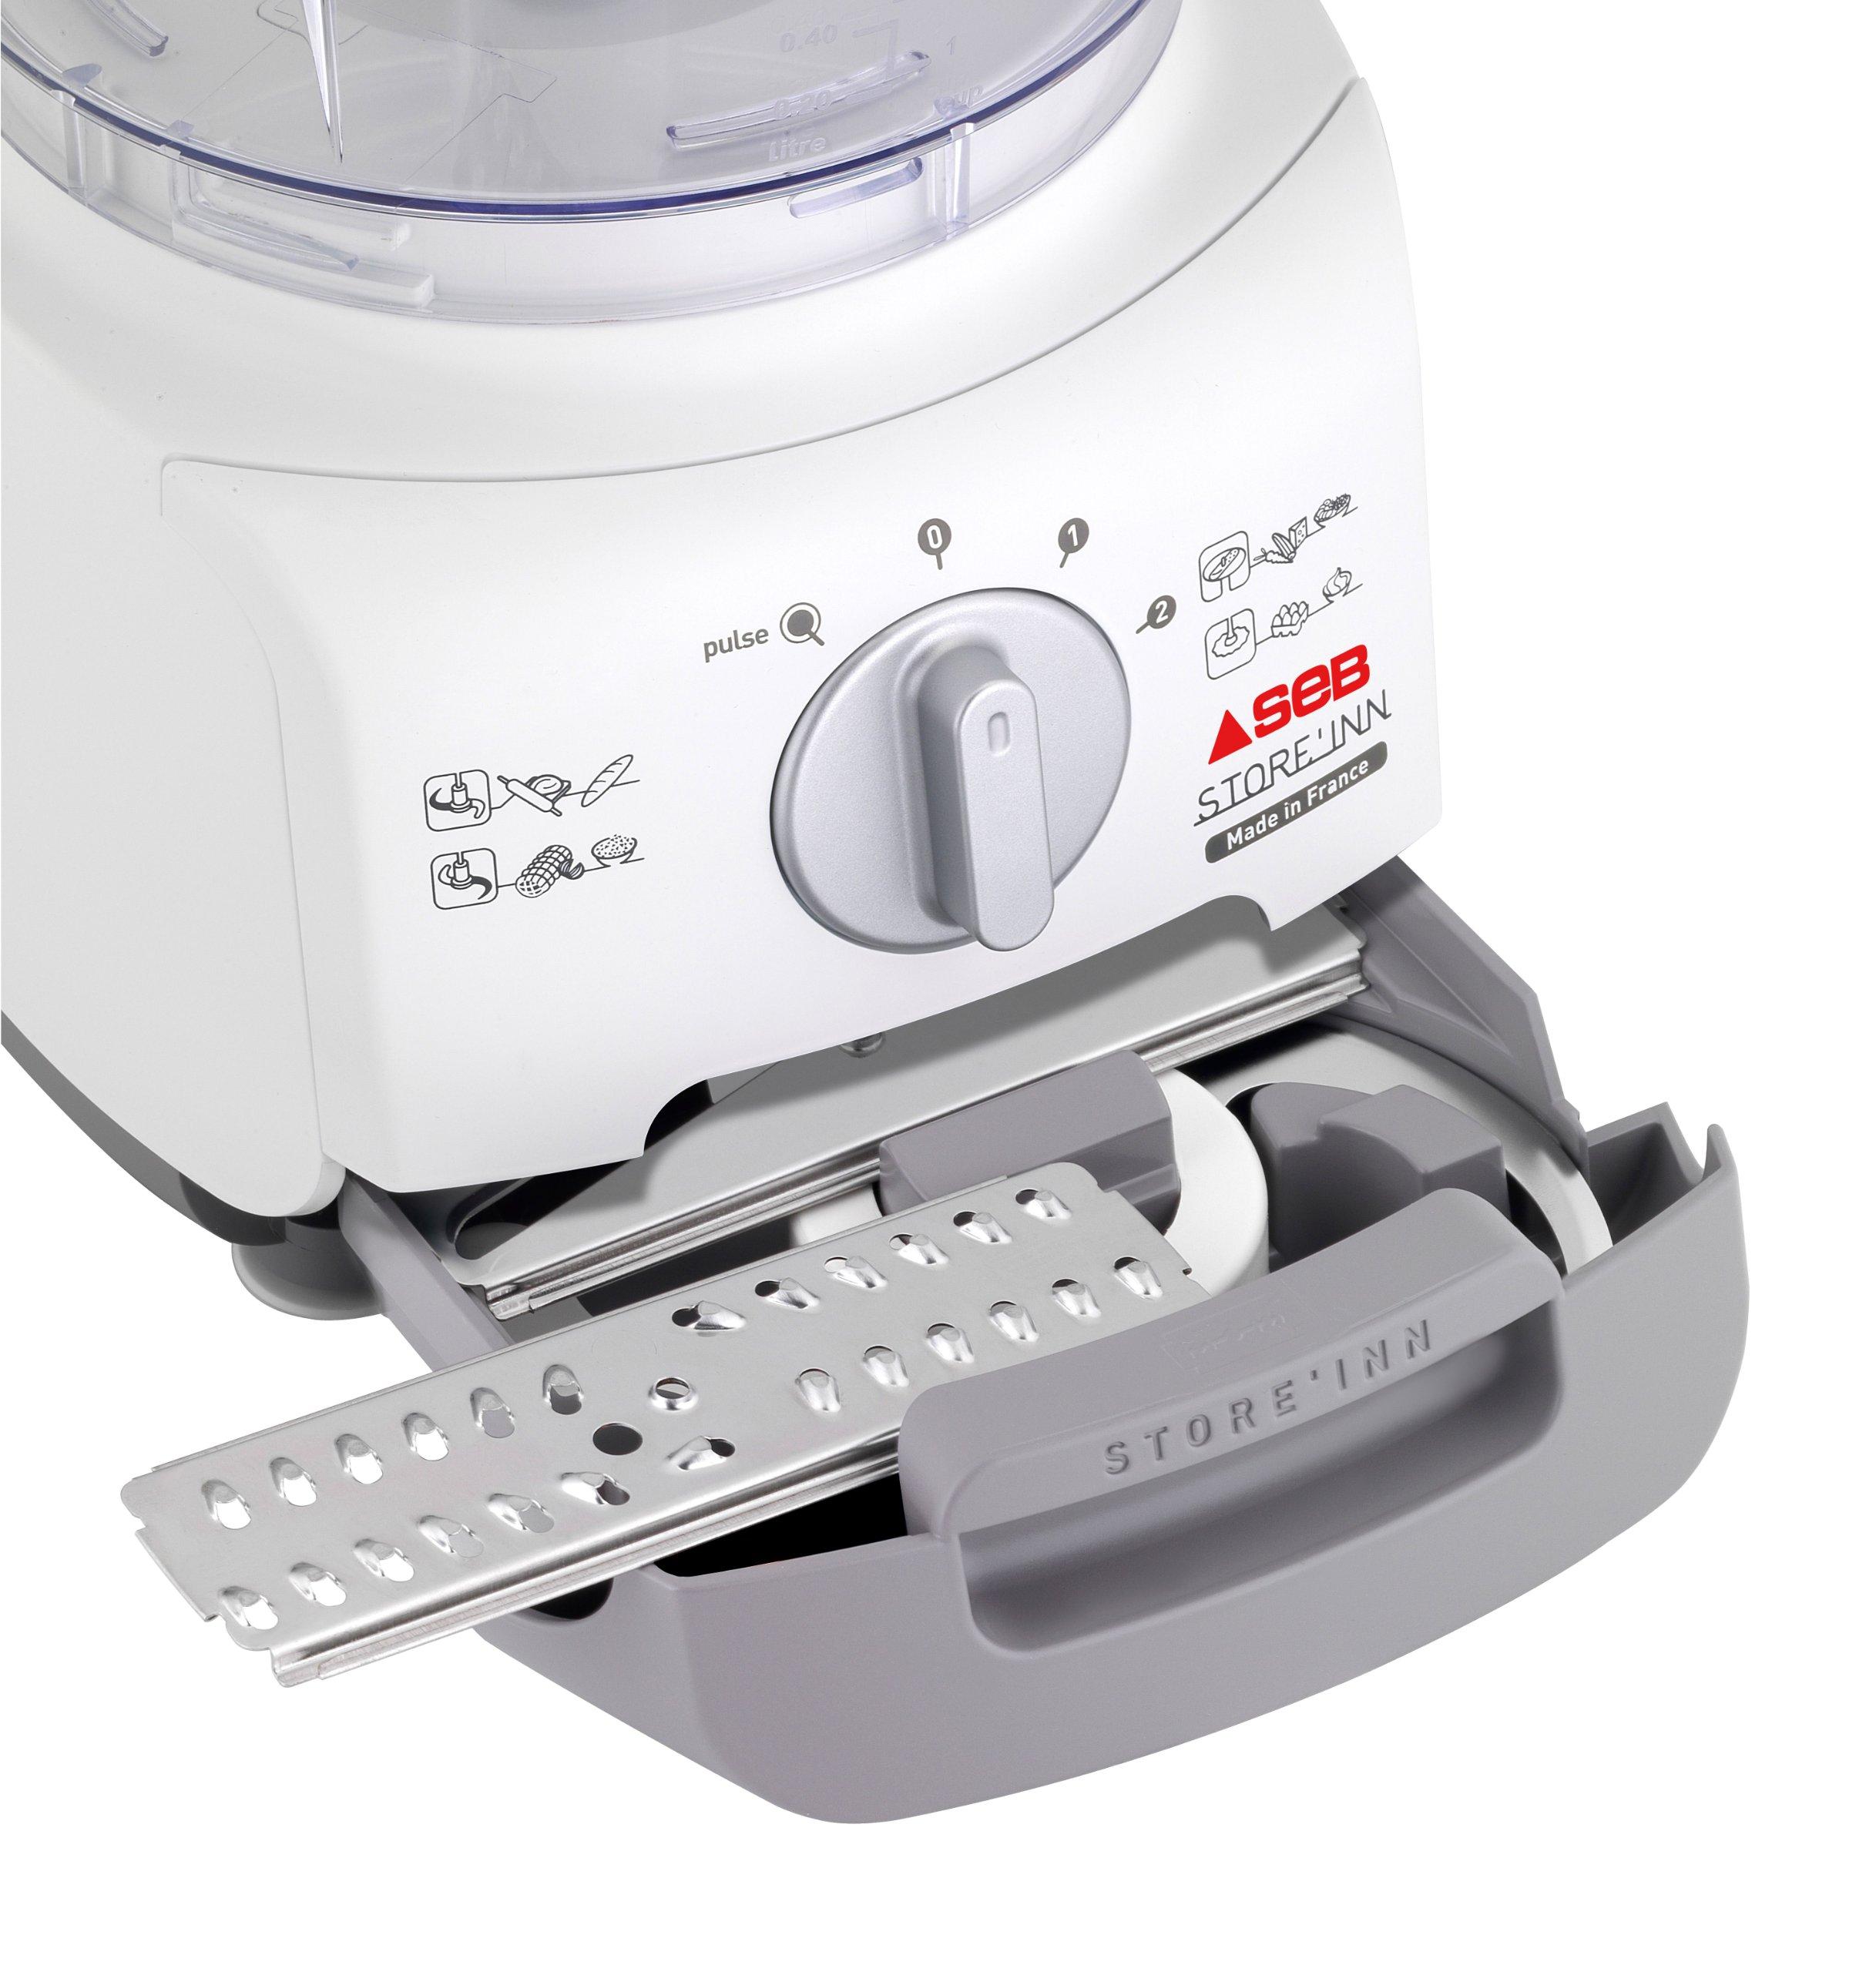 Seb DO221F00 - Procesador de alimentos, función de impulso, 750 W, 2 L, gris/blanco: Amazon.es: Hogar